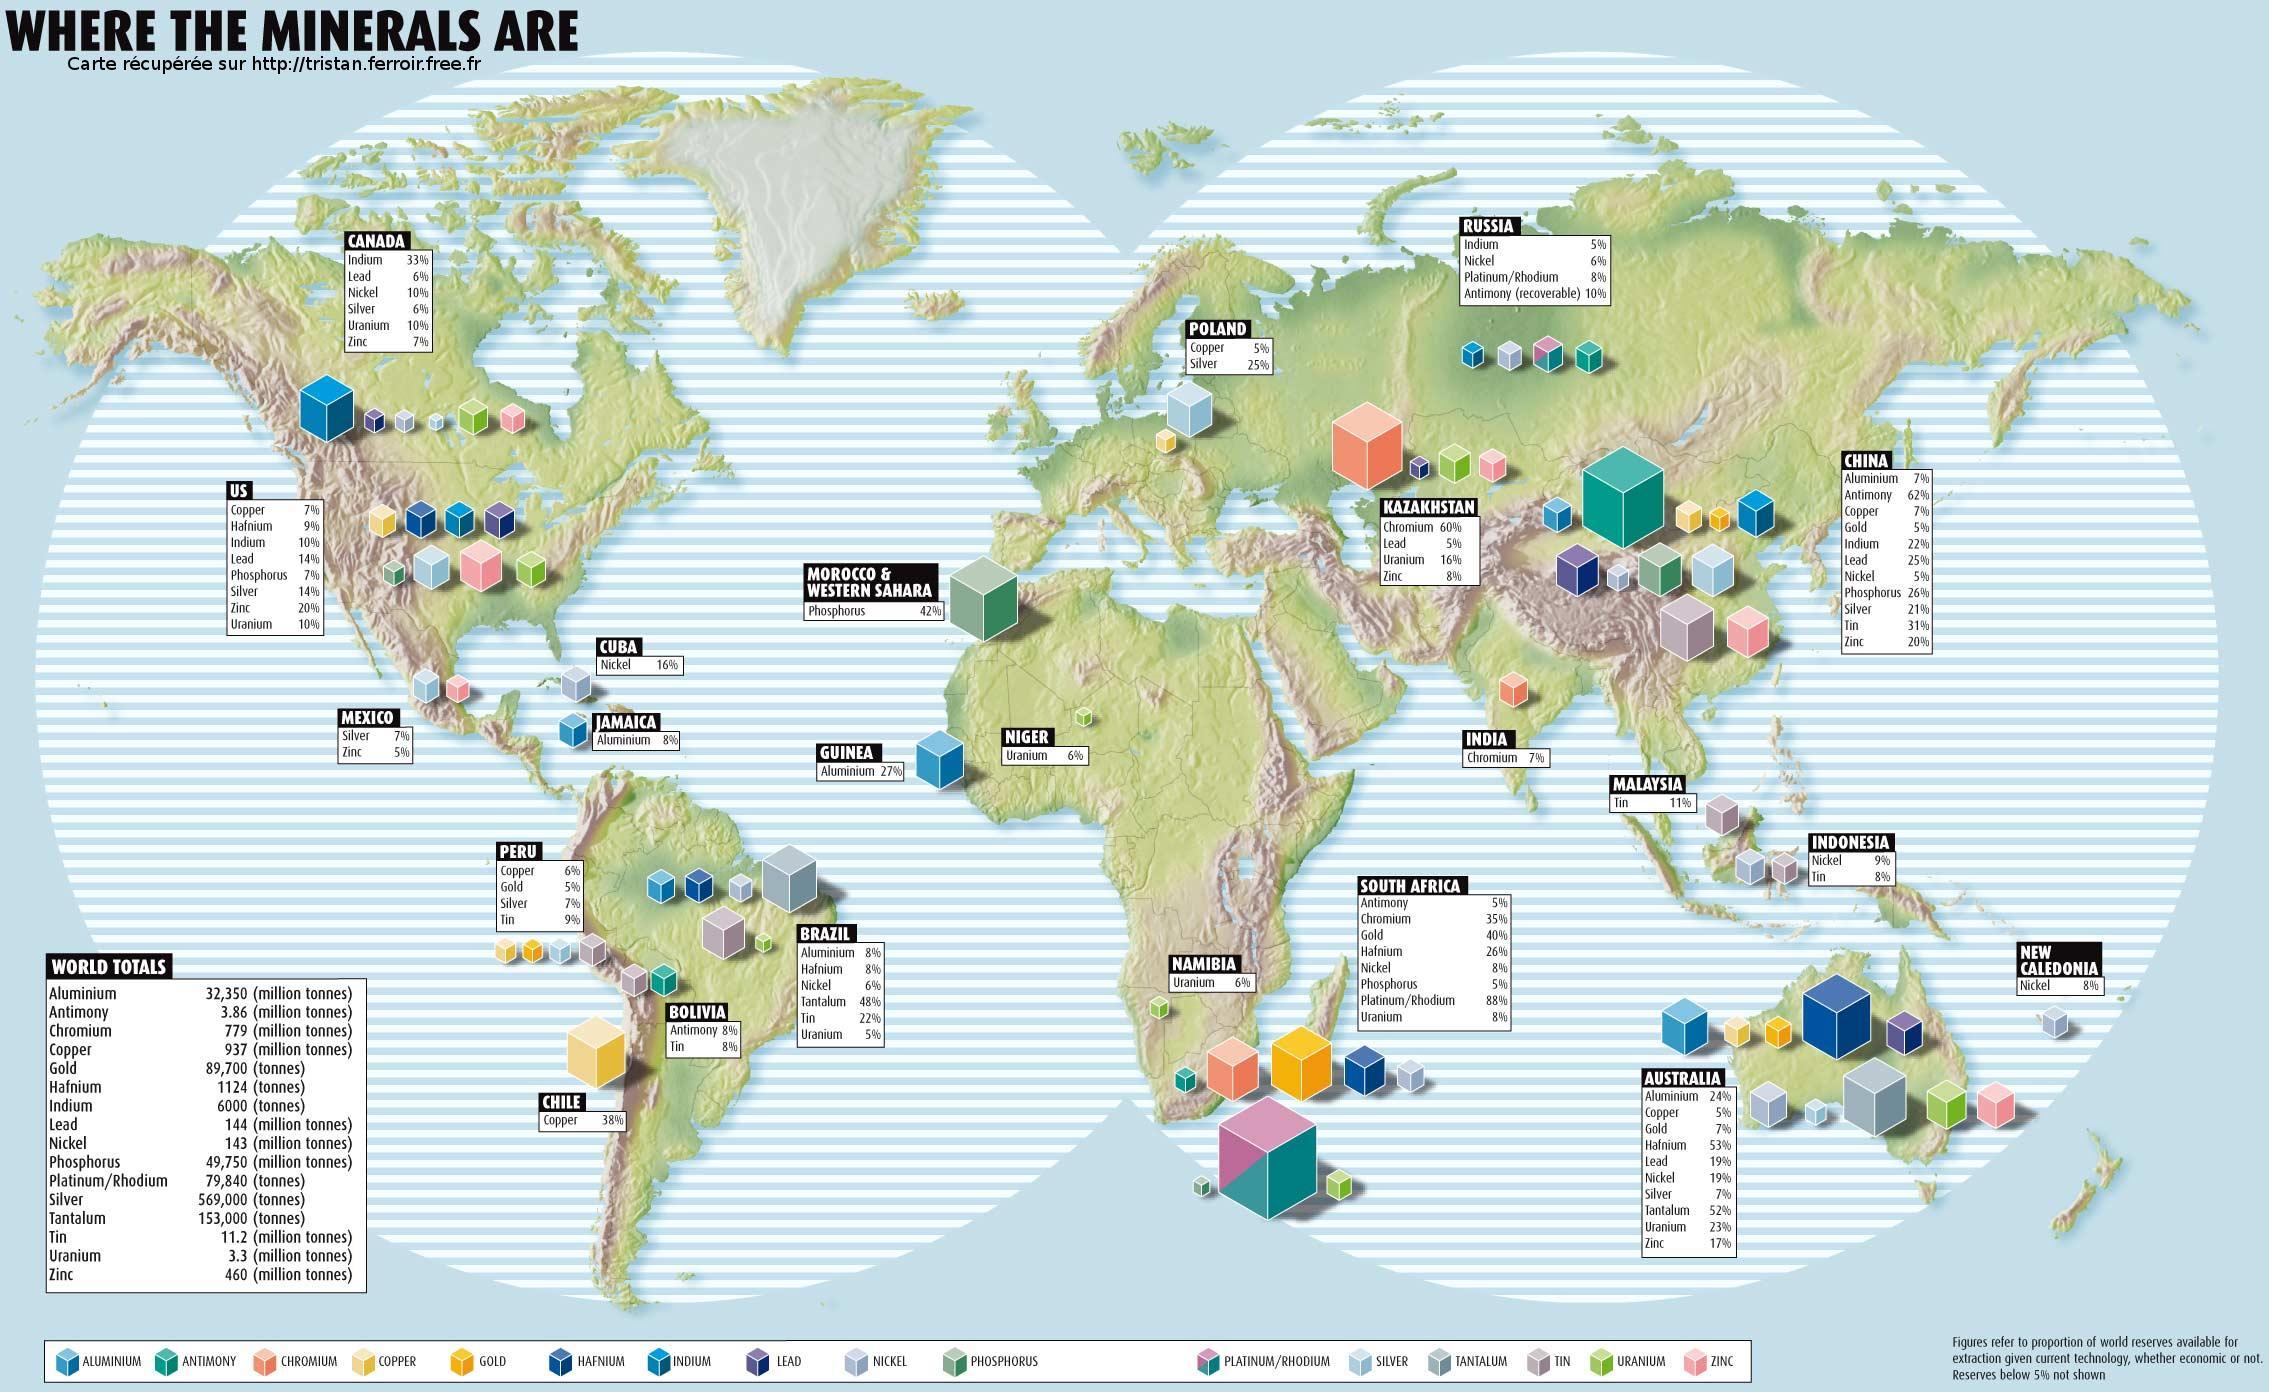 Carte mondiale de répartition des différents minerais d'interet économique (Aluminium, Antimoine, Chrome, Cuivre, Or, Hafnium, Indium, Plomb, Nickel, Phsphore, Platine, Plantinoïde, Rhodium, Argent, Tantale, Uranium et Zinc)